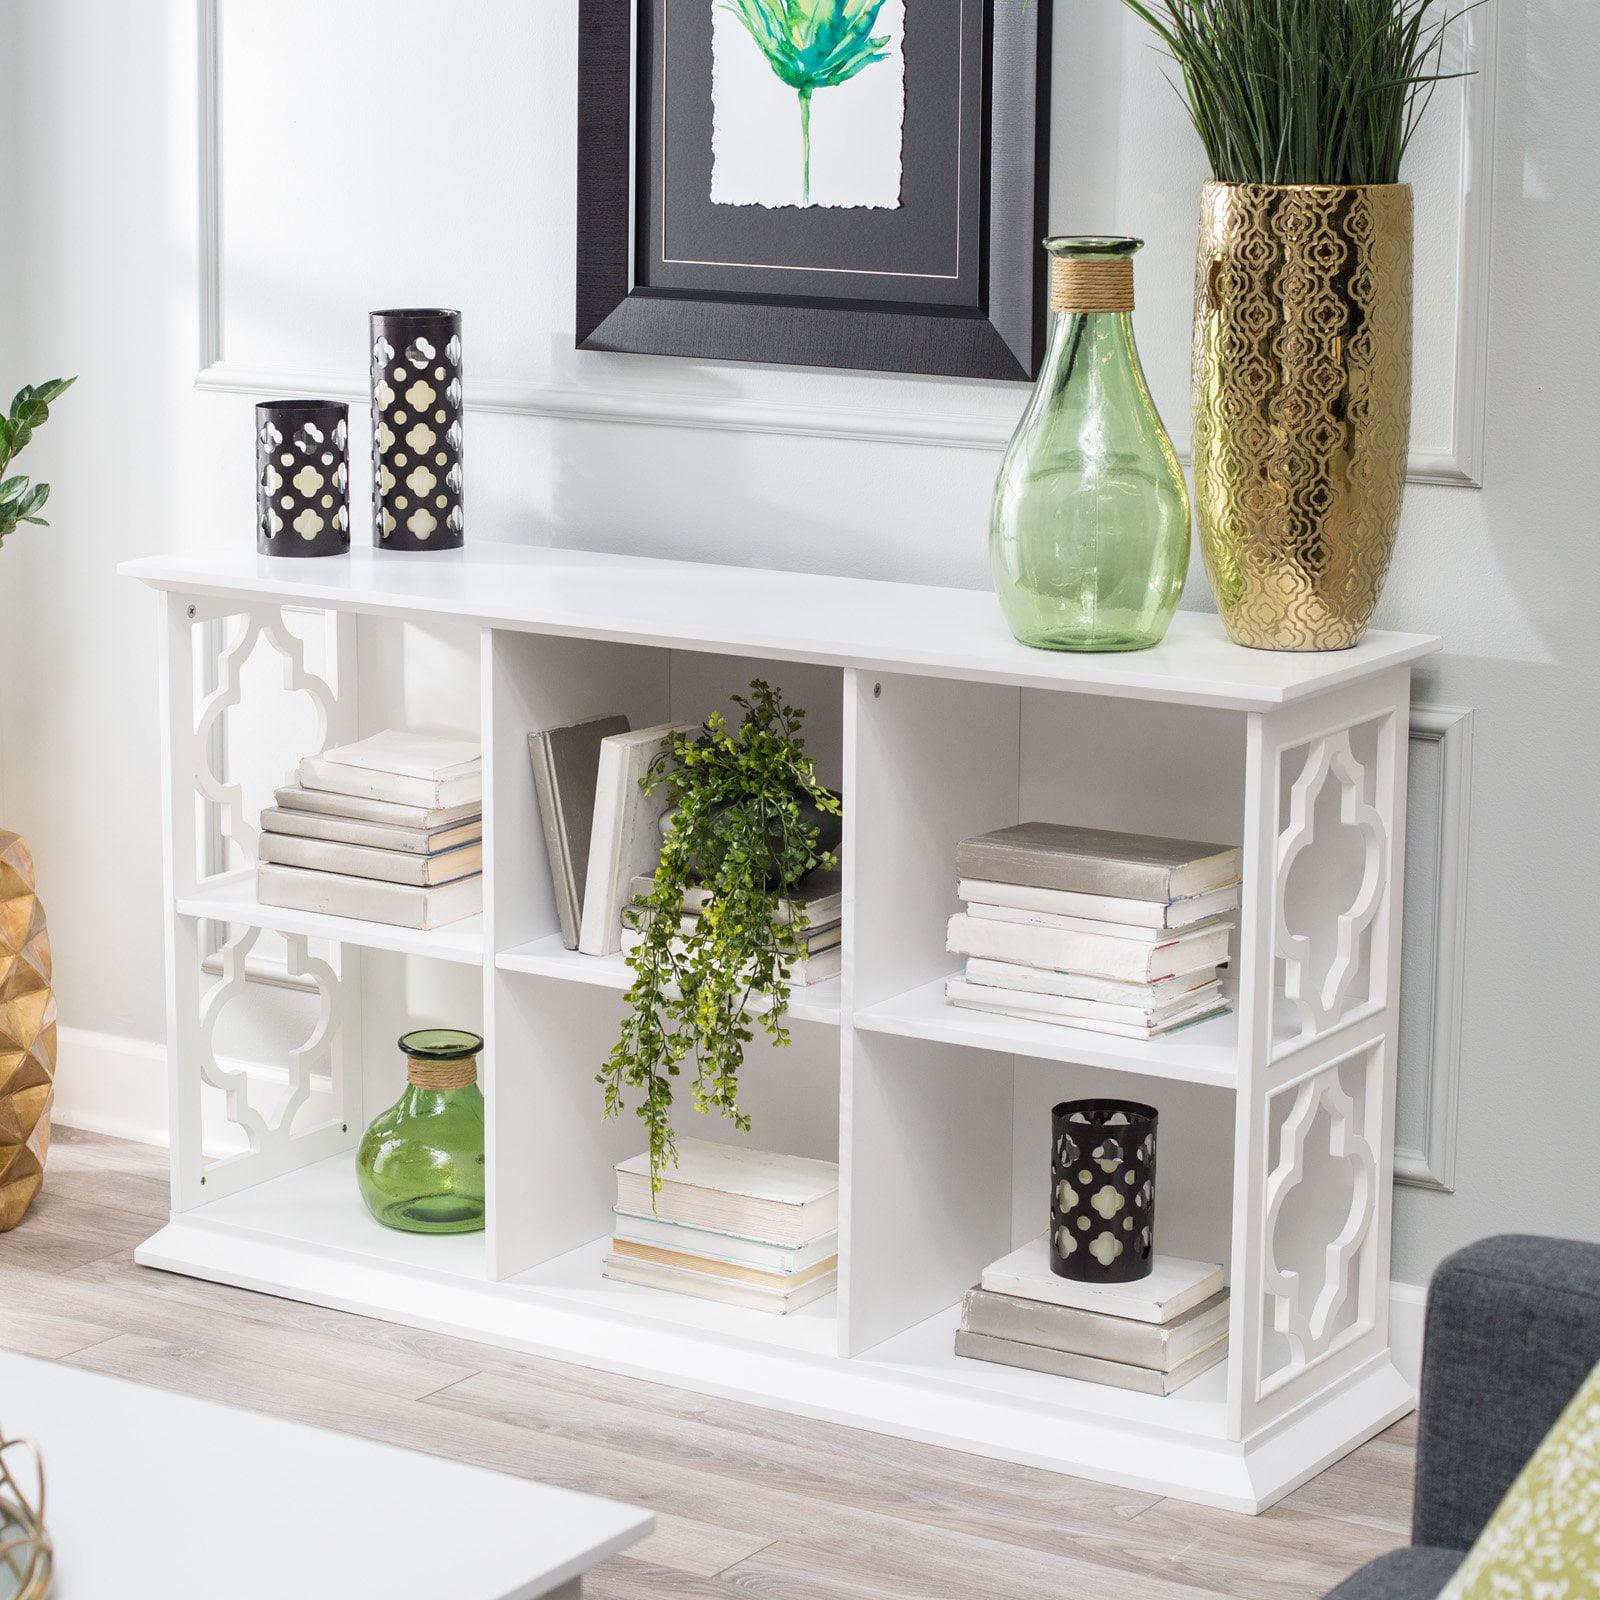 Belham Living Renata 6-Cube Quatrefoil Bookcase - Walmart.com